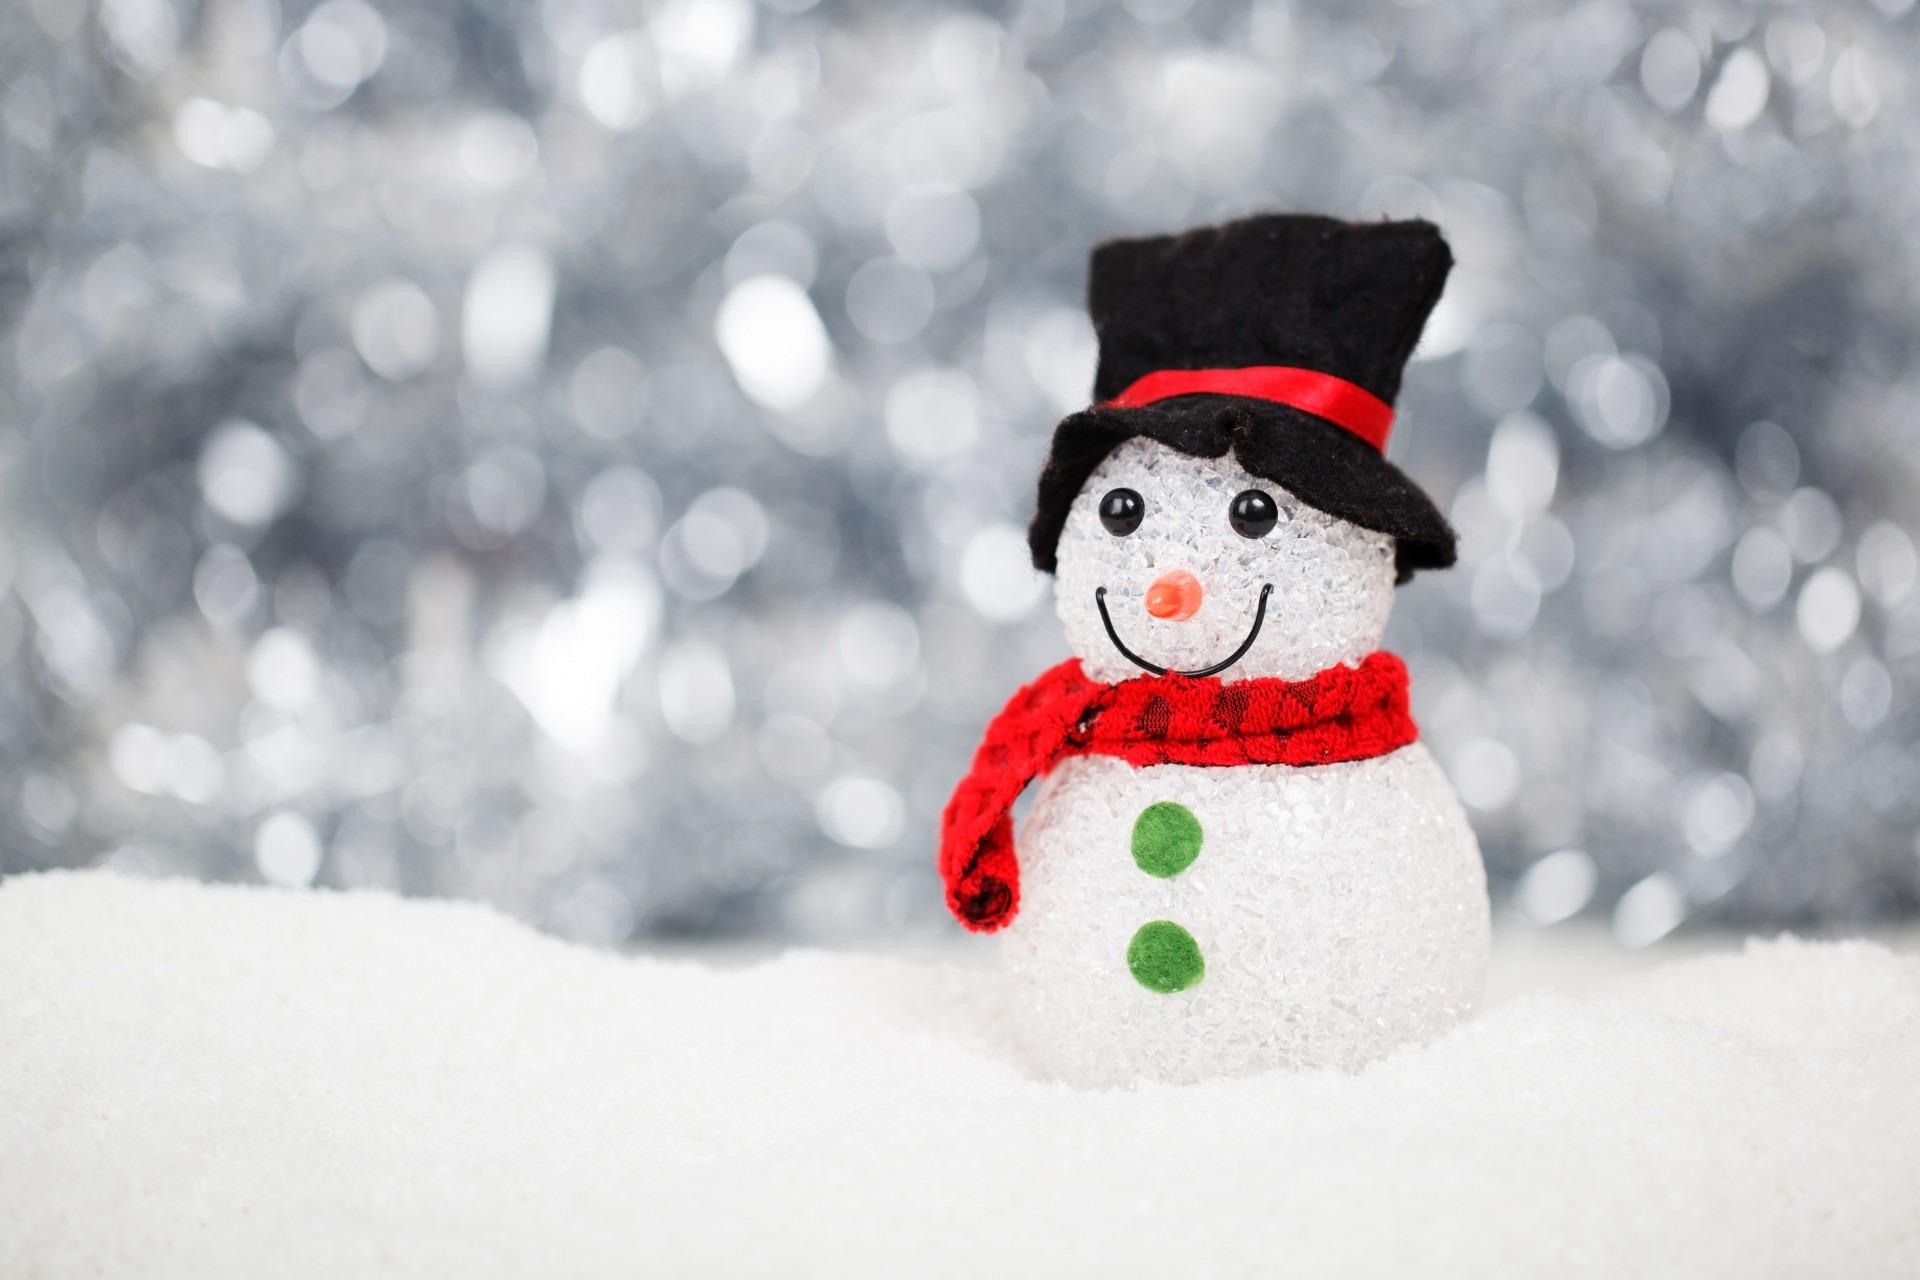 imagenes-para-fondo-de-pantalla-de-munecos-de-nieve